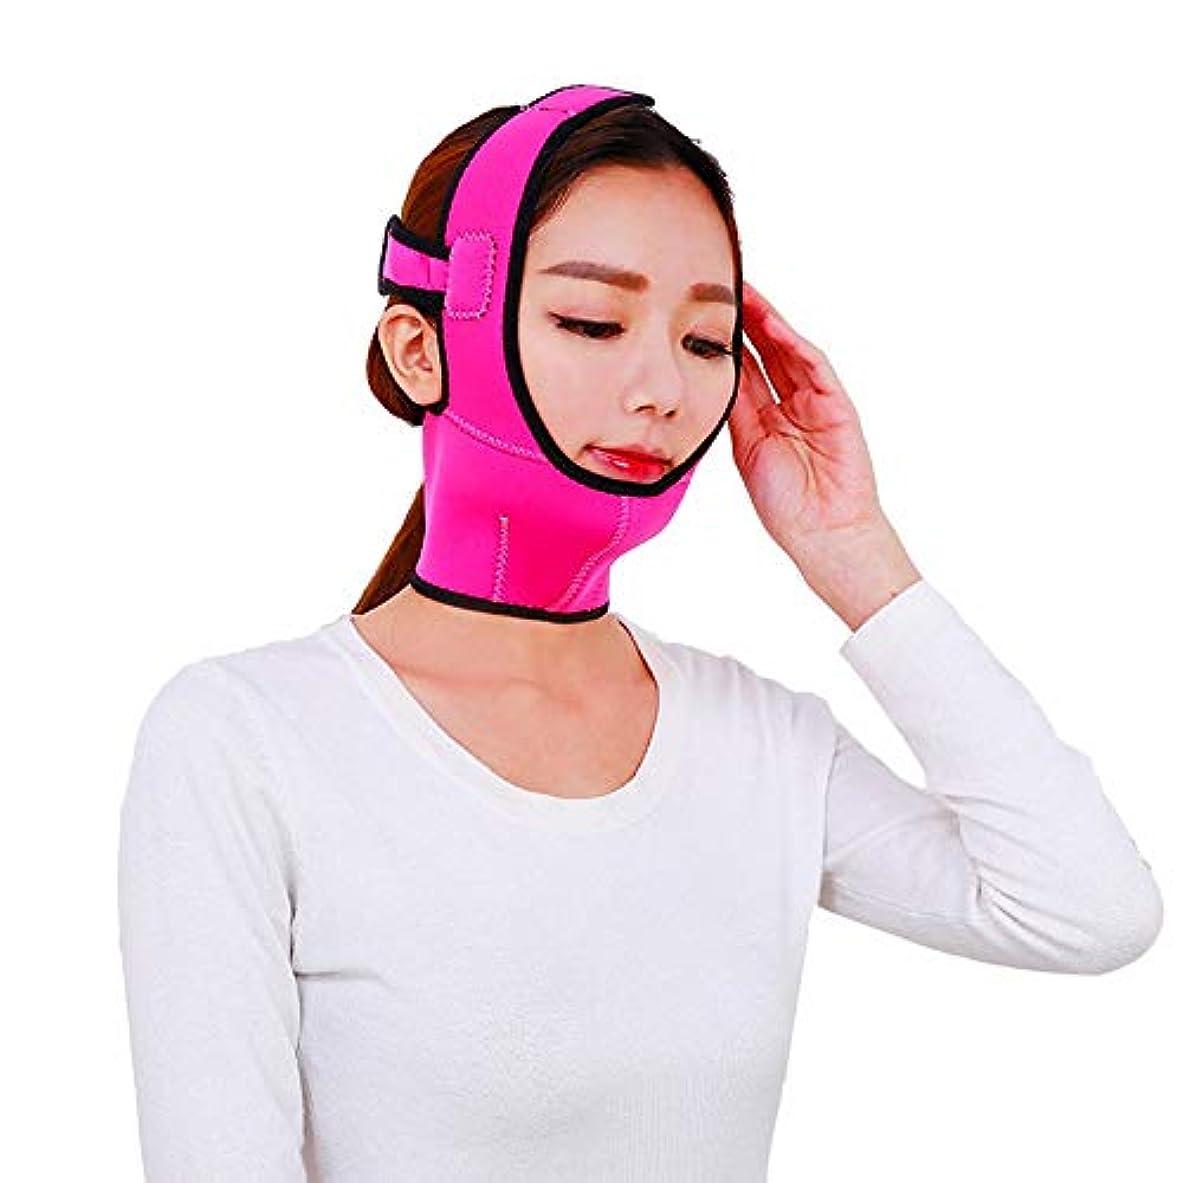 売る以上着るJia Jia- フェイシャルリフティング痩身ベルト - 薄いフェイス包帯フェイスマスクベルトフリーフェイシャルマッサージ整形マスクダブルチンワークアウト 顔面包帯